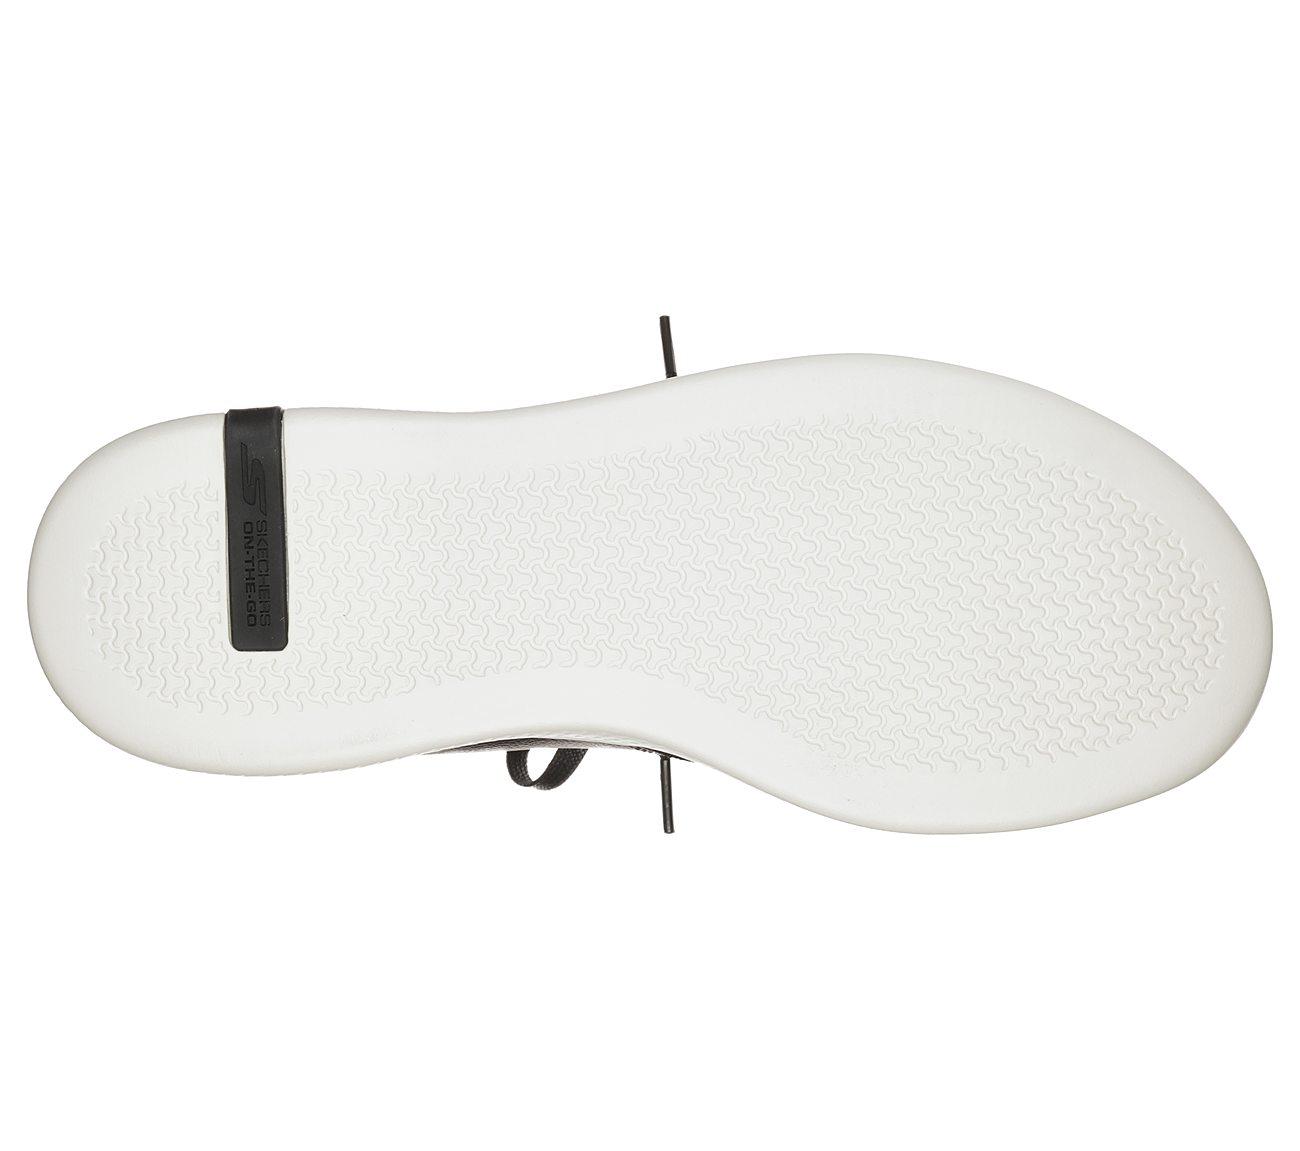 Buy SKECHERS Skechers On the GO Glide Ultra Gallant